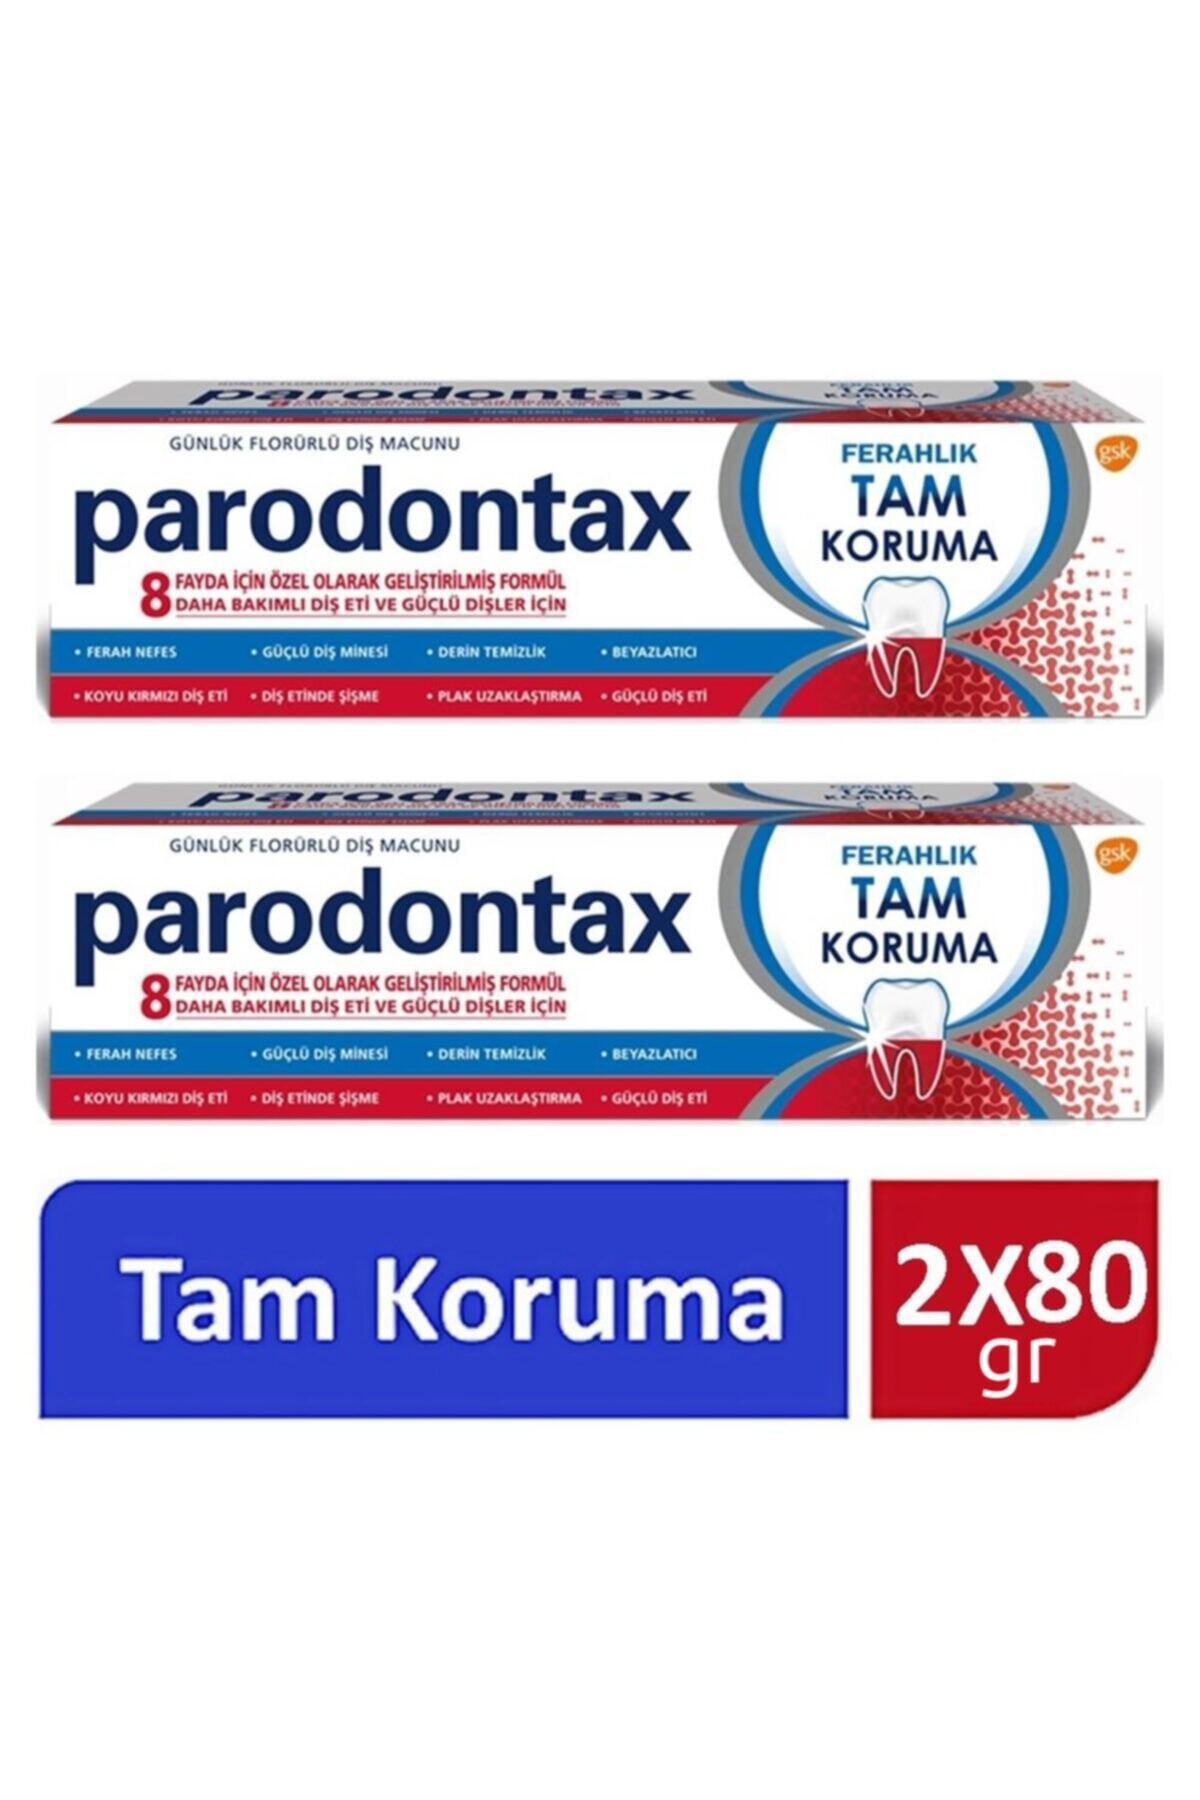 Paradontax Parodontax Diş Macunu Ferahlık Tam Koruma 2 X 80 Gr 1